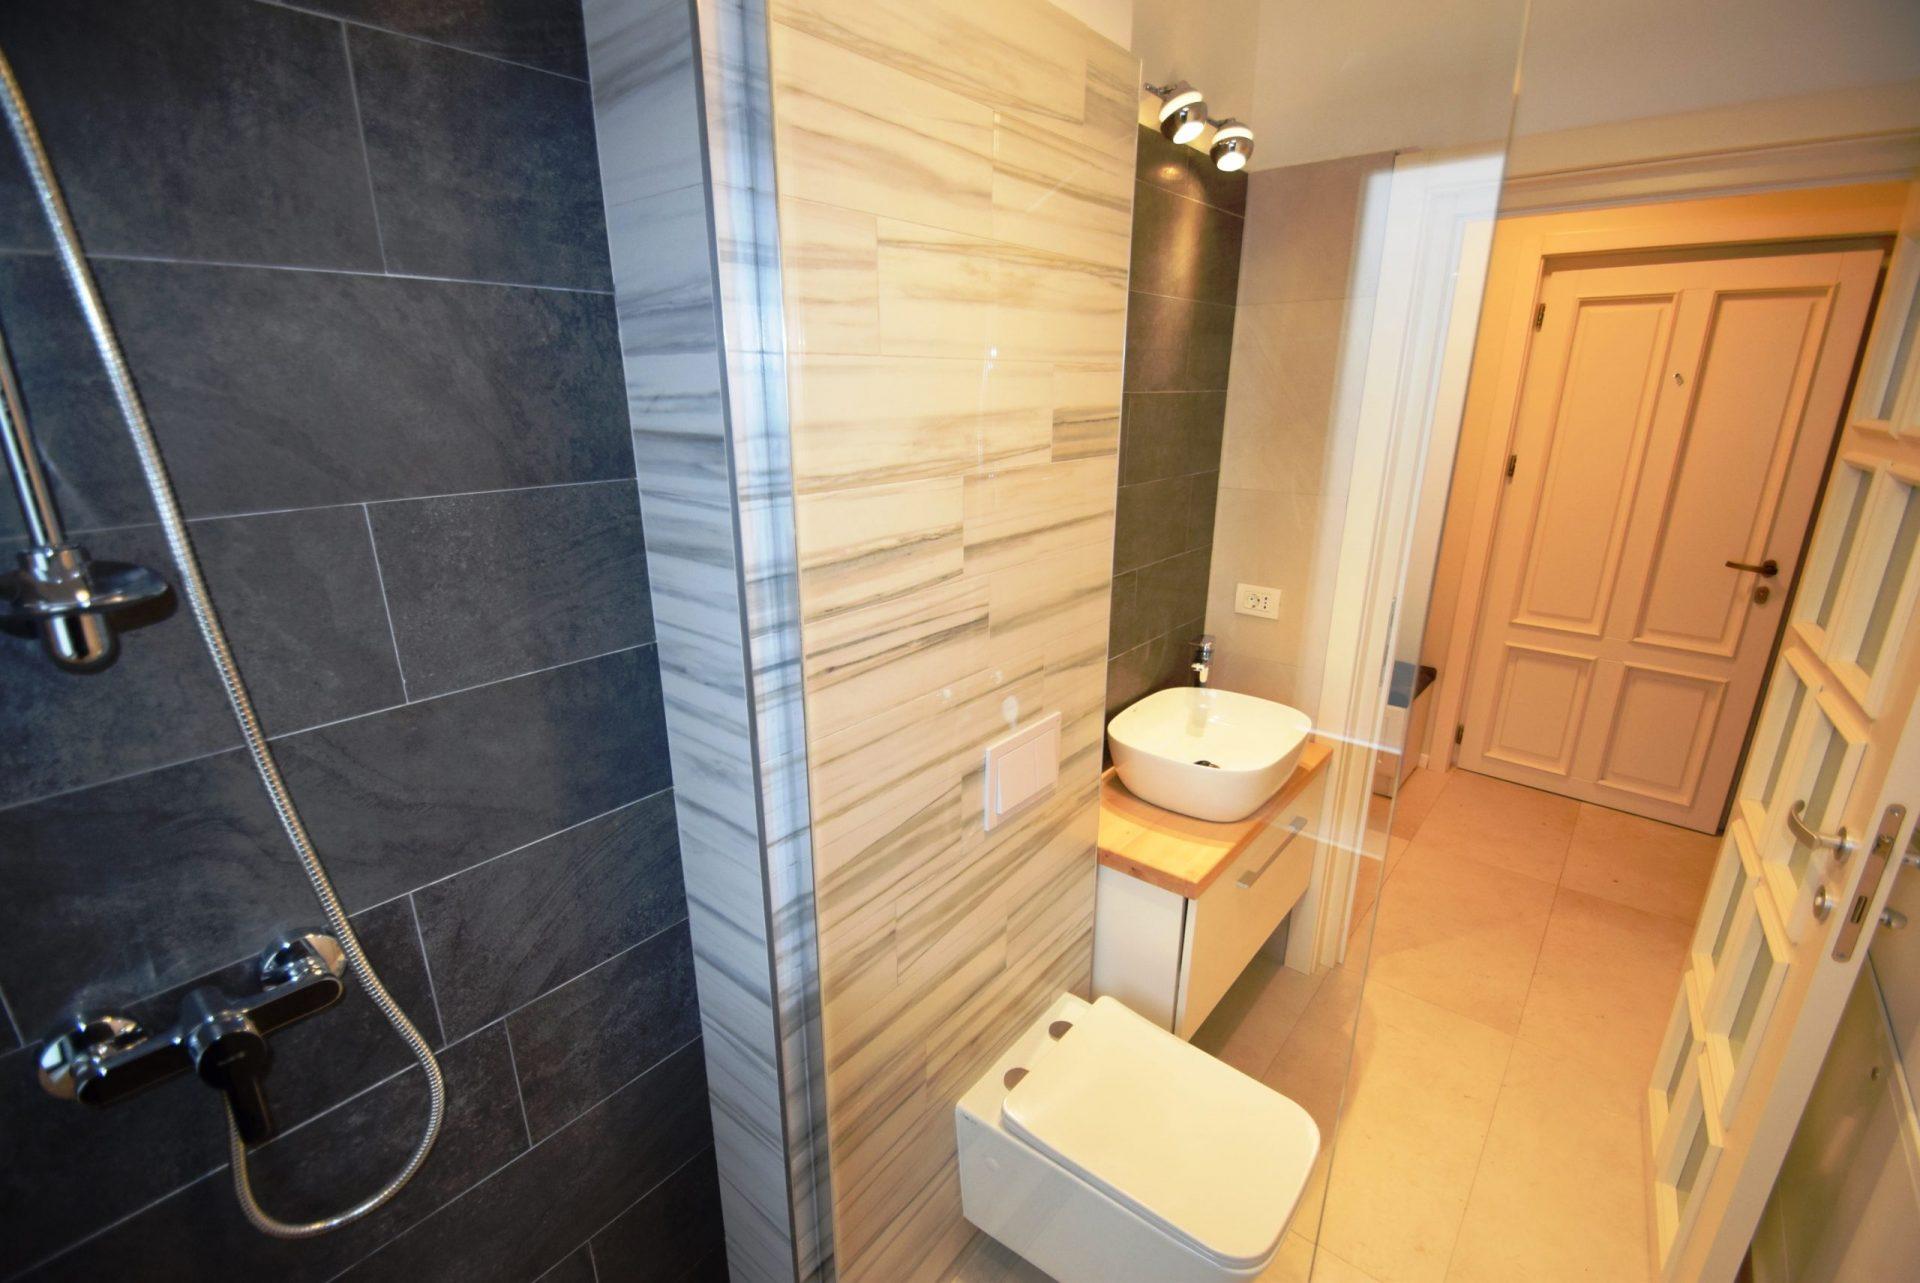 apartamente-de-vanzare-iasi-esq-village-2-14-scaled